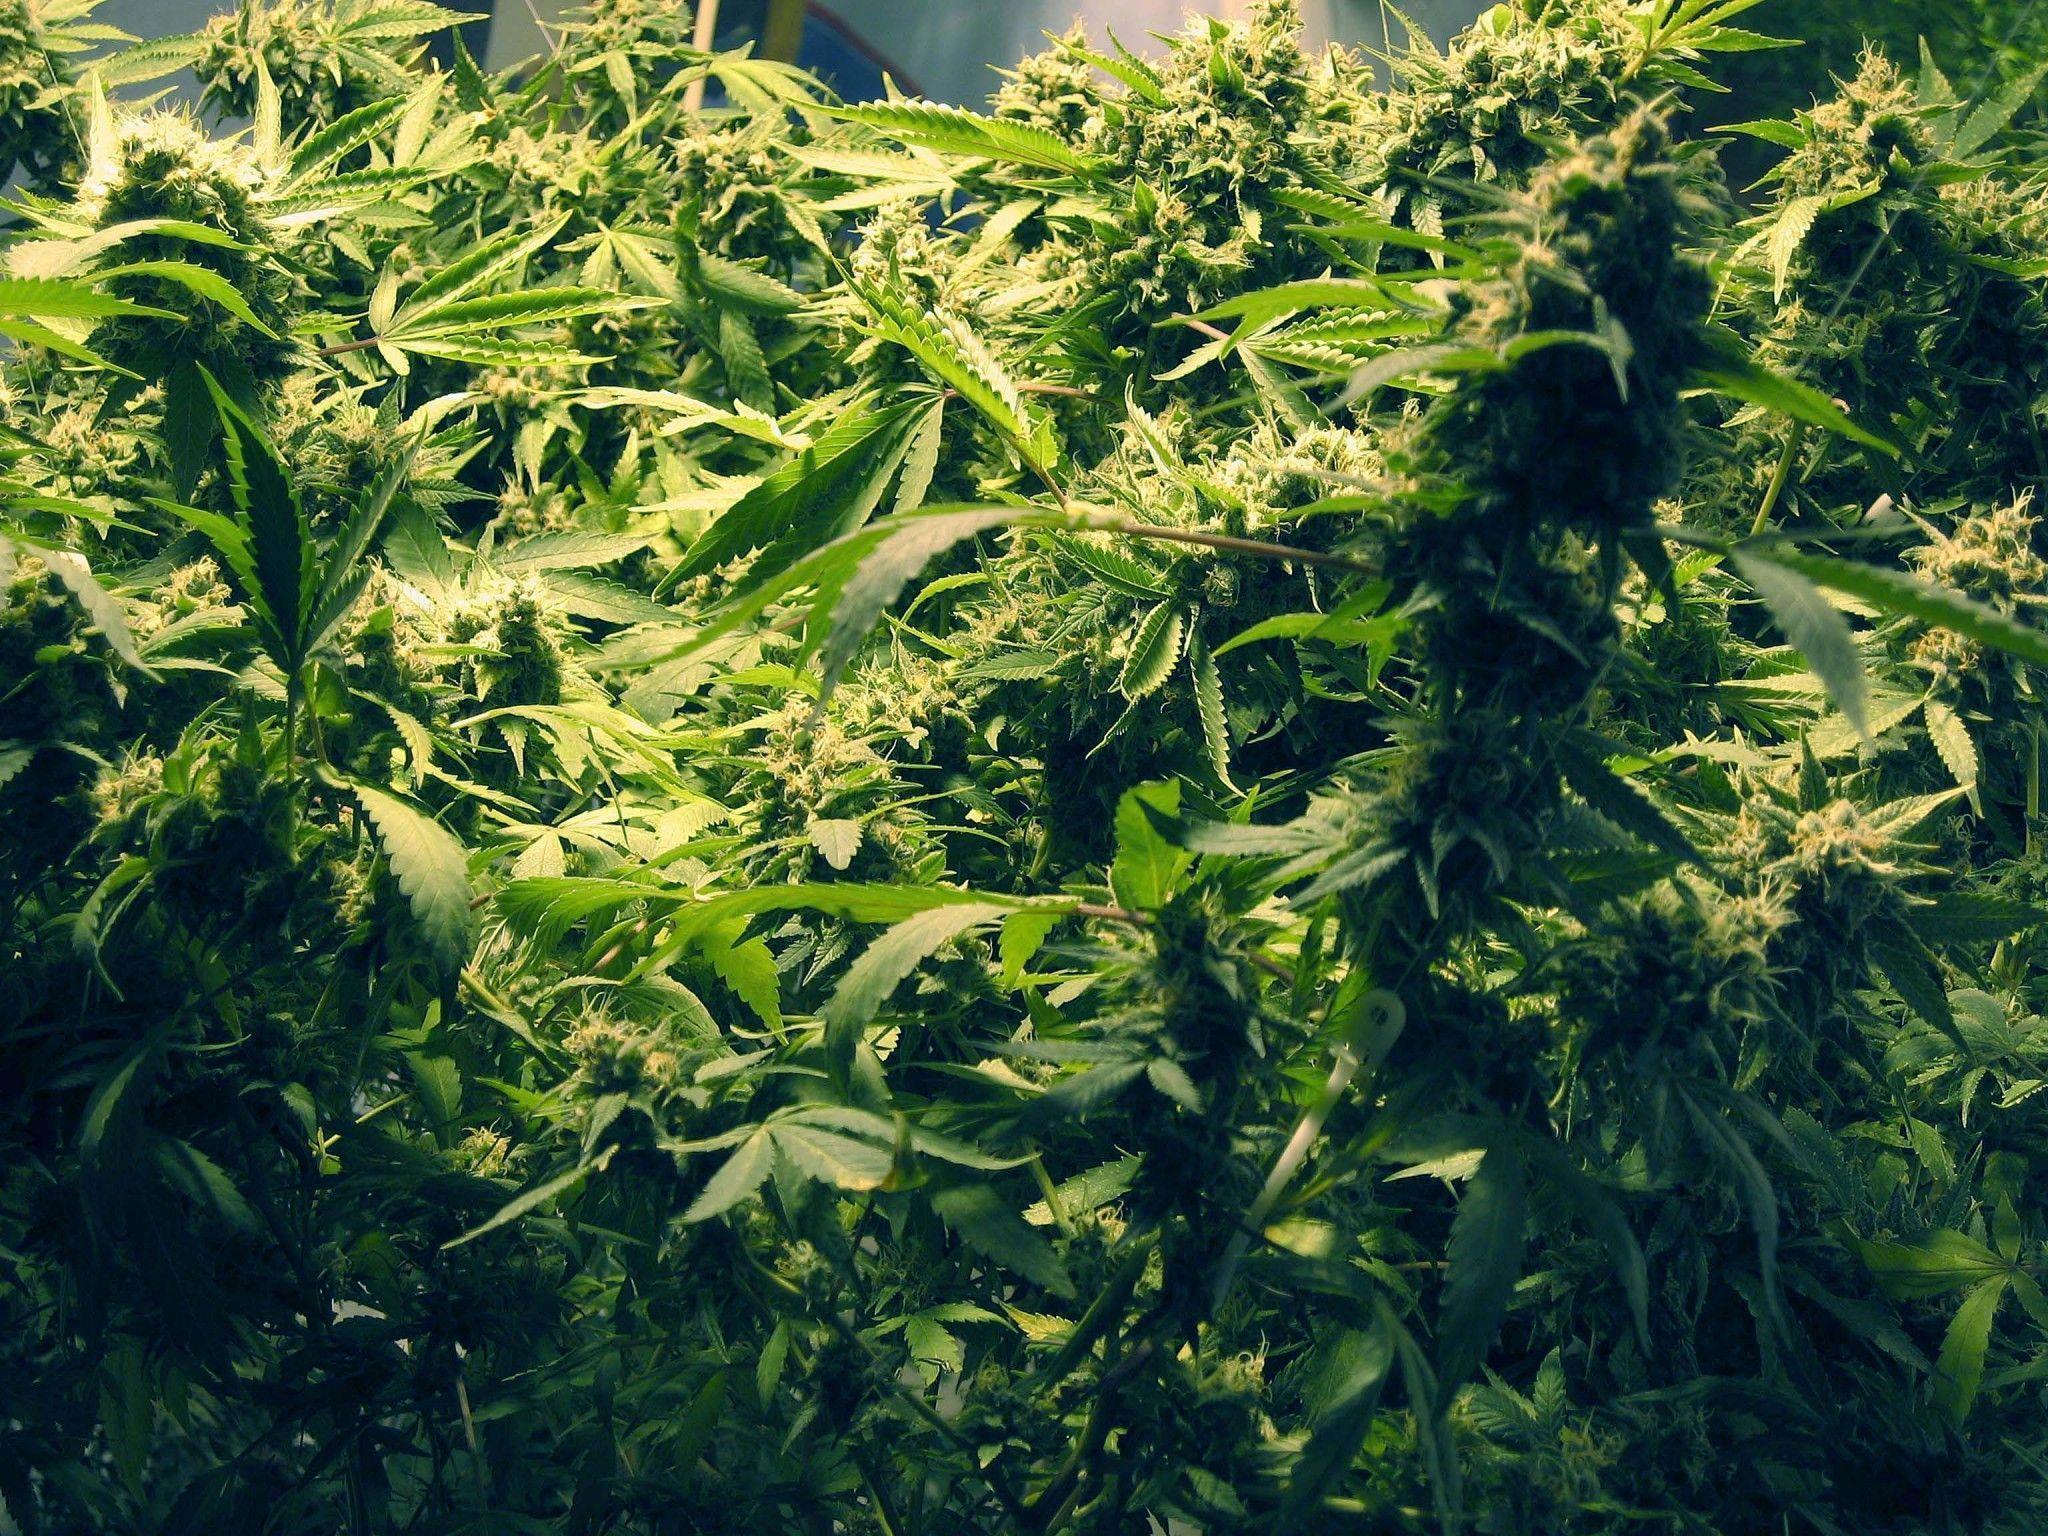 In der Wohnung eines 23-jährigen Oberösterreichers wurden insgesamt 24 Cannabis-Pflanzen sichergestellt.